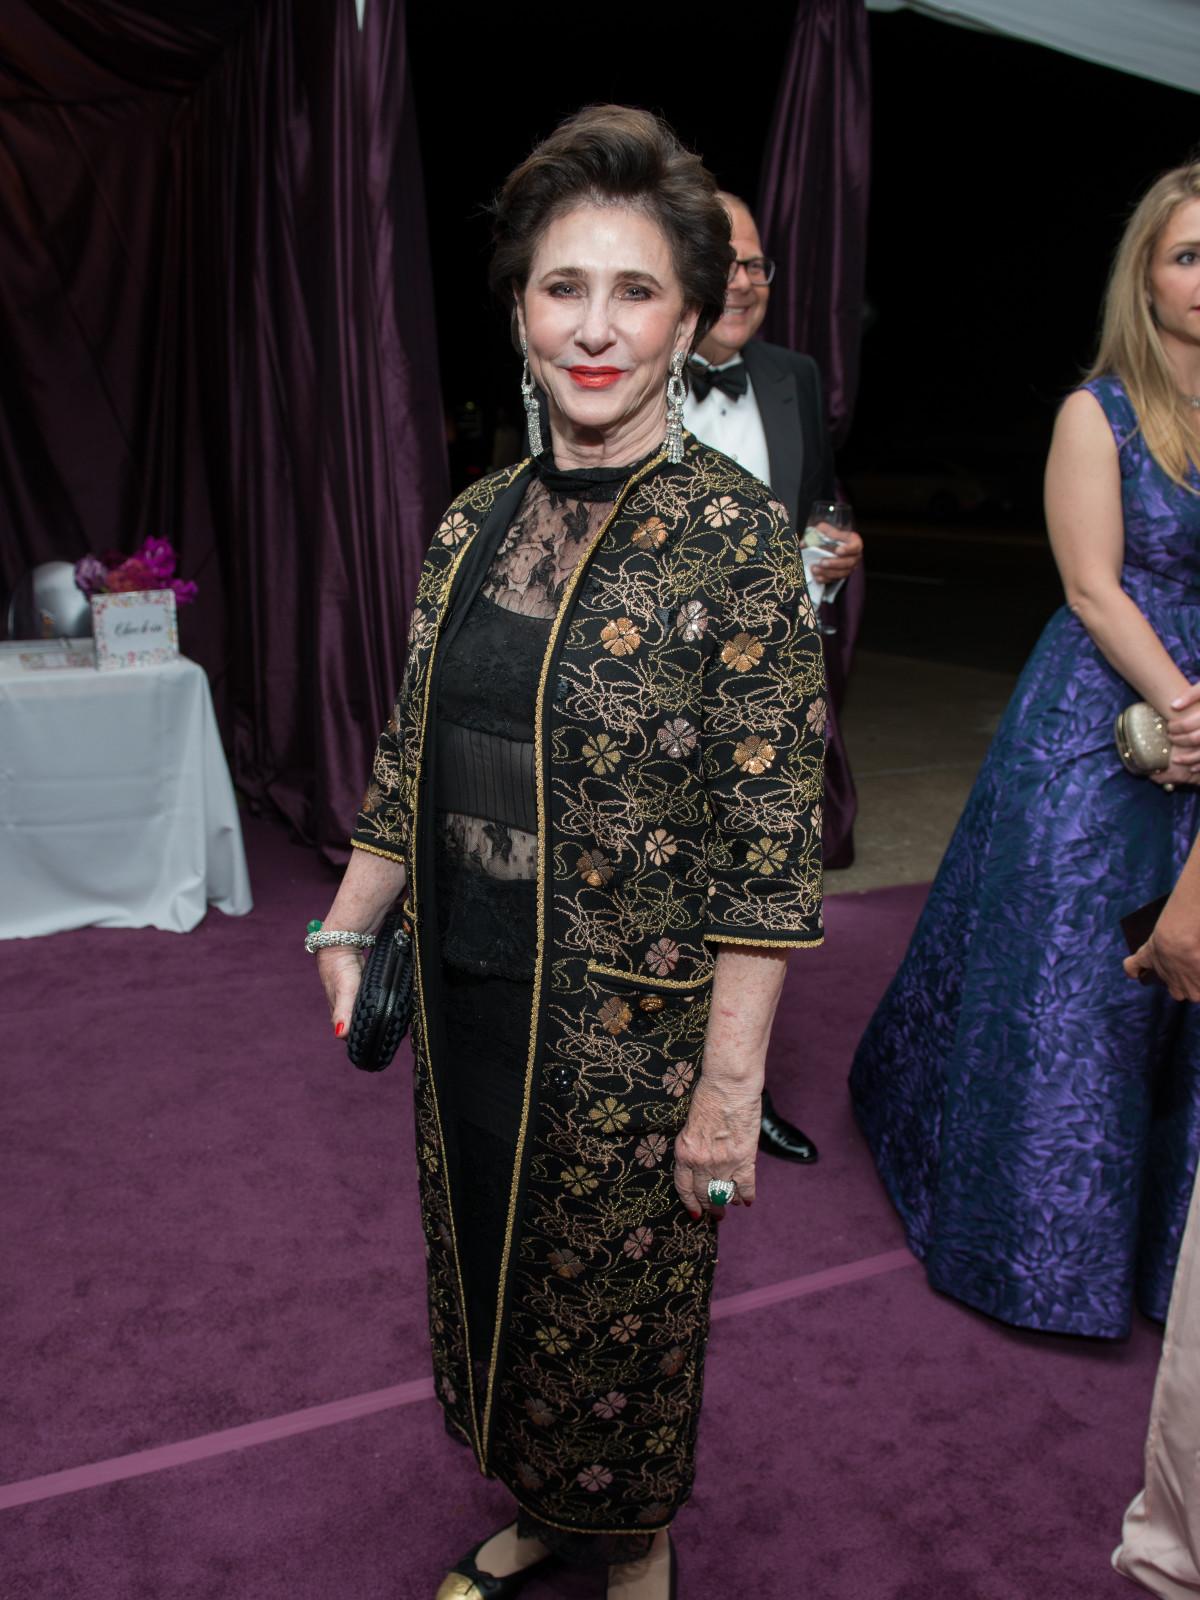 Elyse Lanier at MFAH Grand Gala Ball